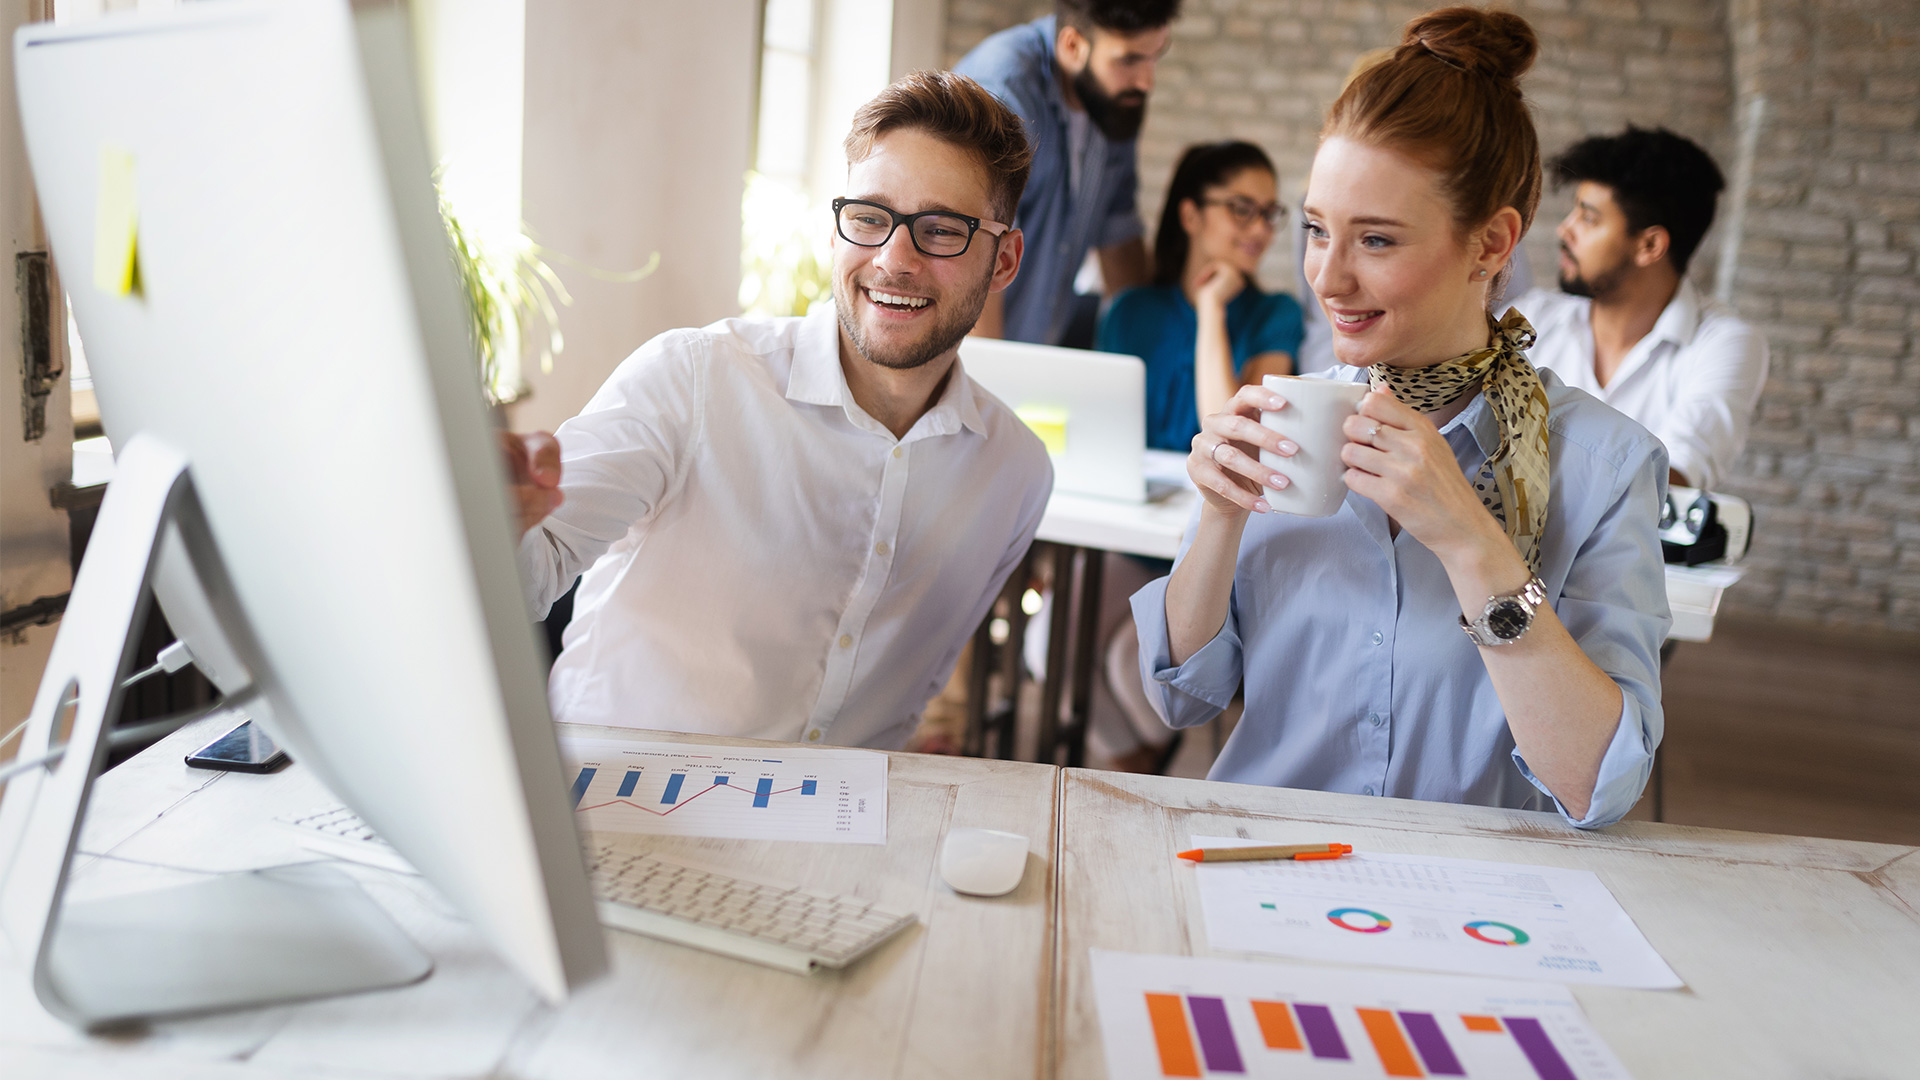 85% das empresas declaram que ainda não estão prontas para atender às exigências da Lei de Proteção de Dados Pessoais, mostra pesquisa da Serasa Experian